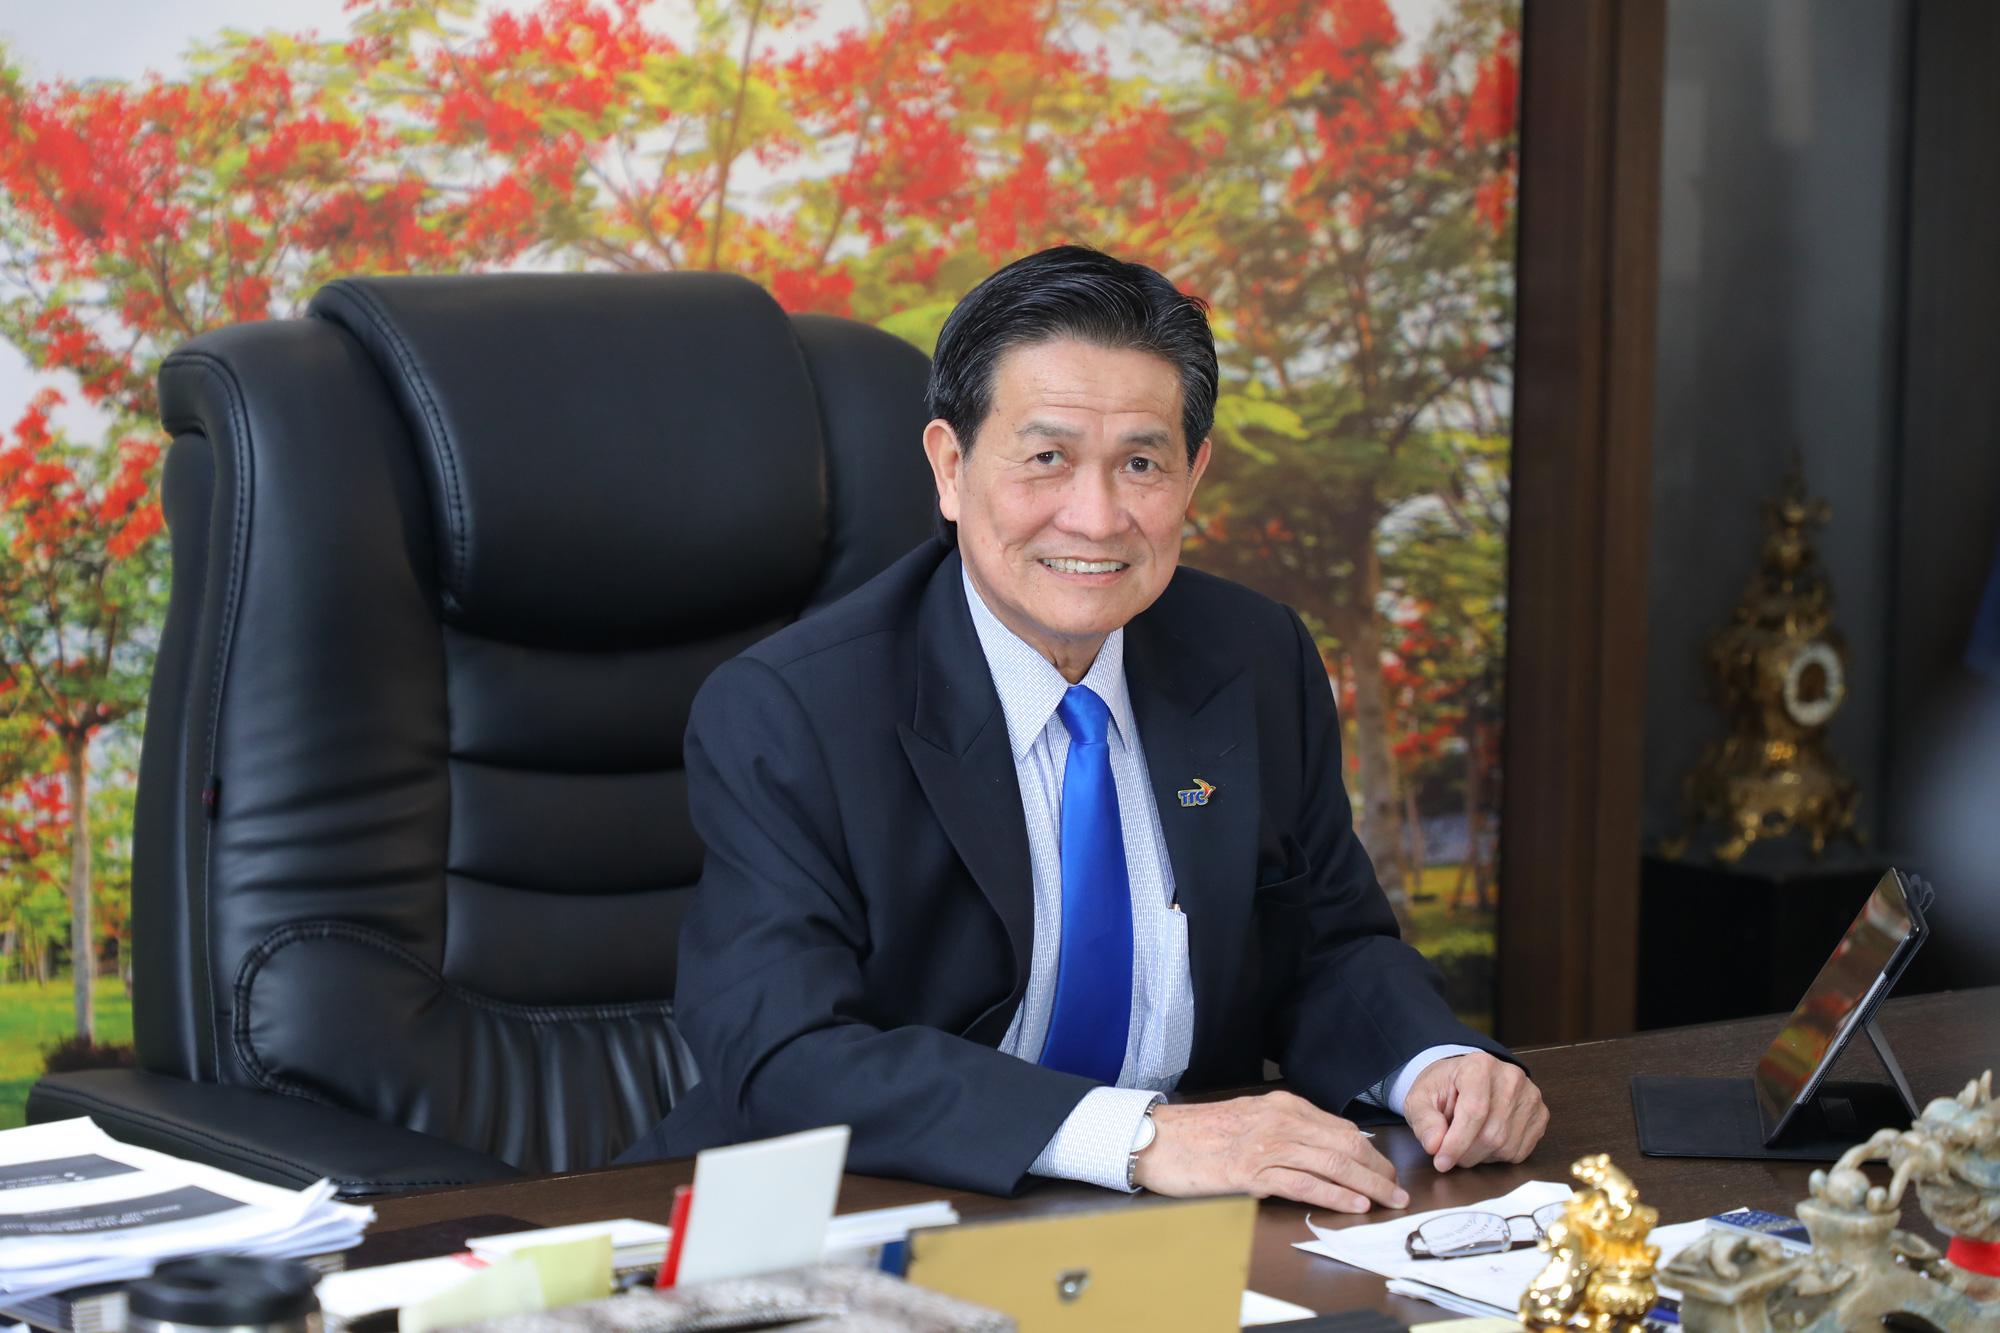 Chủ tịch TTC Đặng Văn Thành đăng kí mua 120 tỉ cổ phiếu SBT - Ảnh 1.